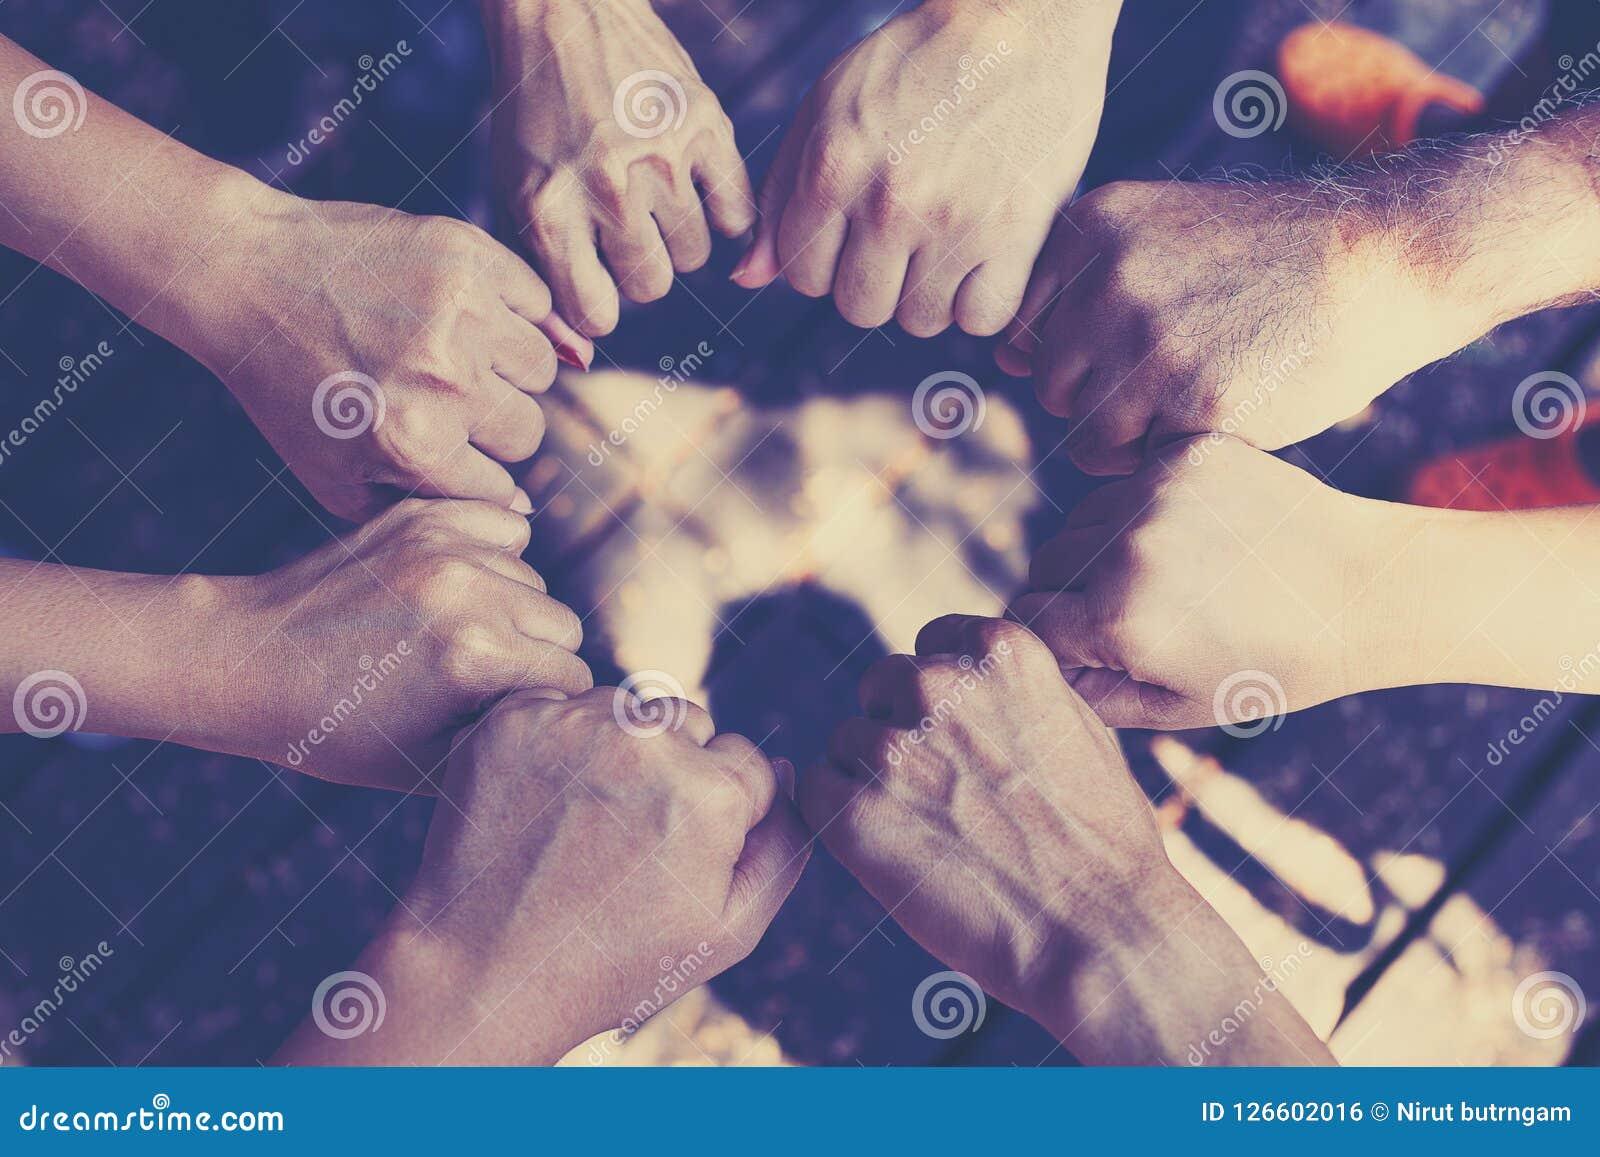 Έννοια εργασίας ομάδας: Ομάδα διαφορετικής διαγώνιας επεξεργασίας χεριών μαζί των νέων στη φύση